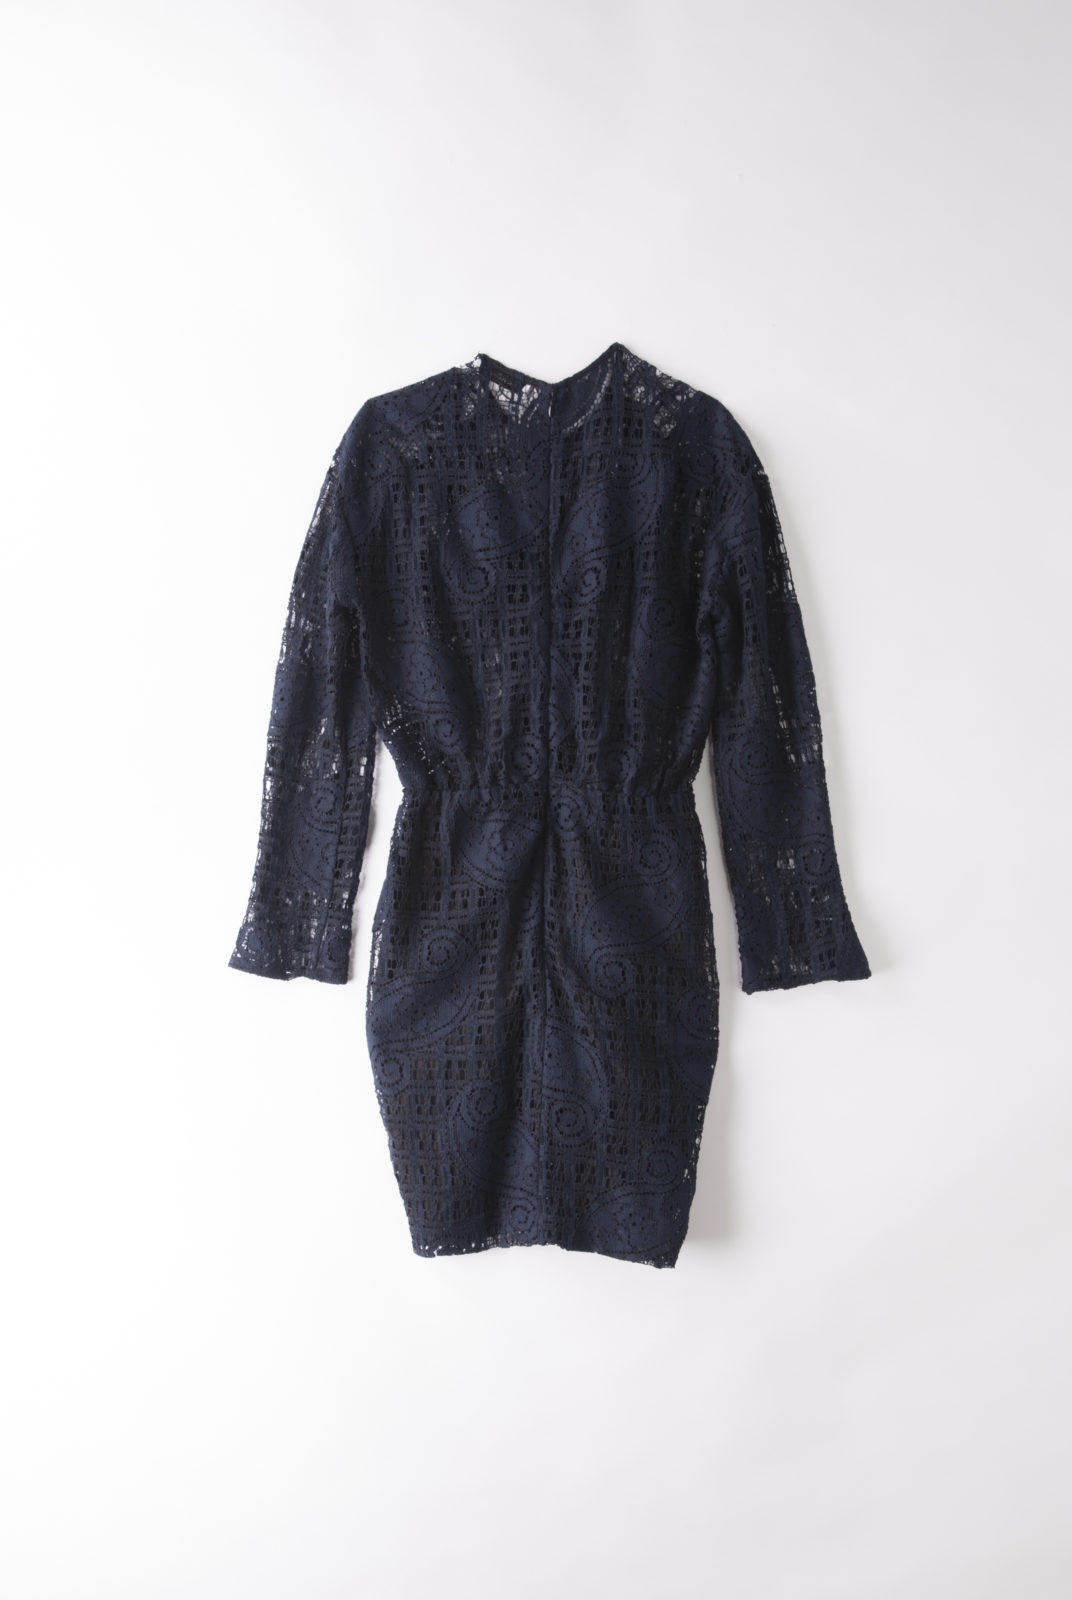 robe daniela sara bleu marine, en dentelle de coton mélangé. roseanna